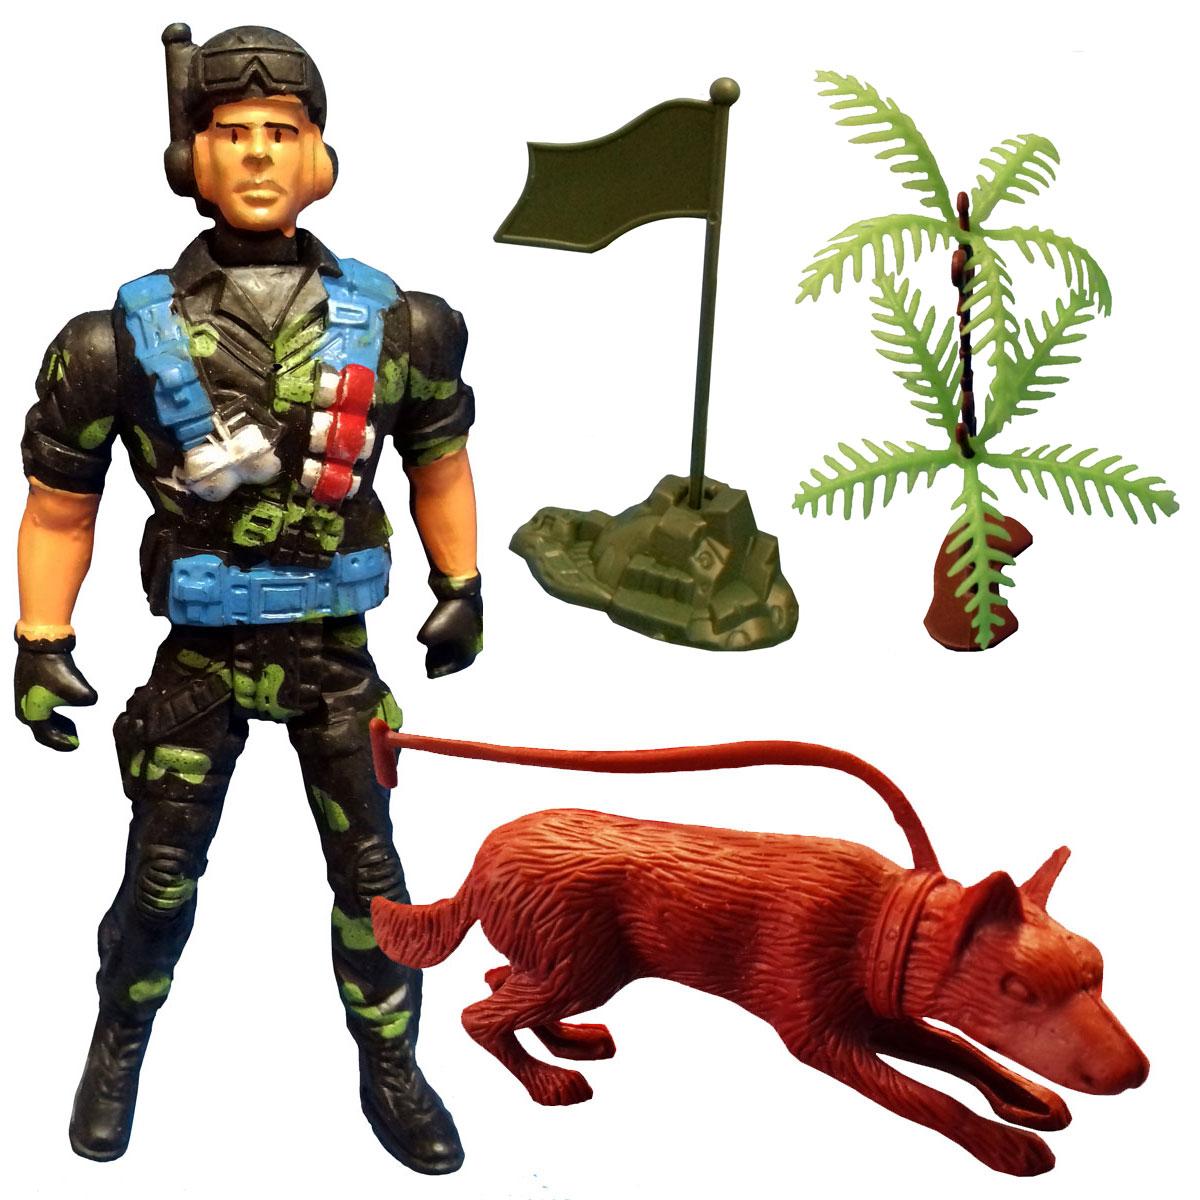 اسباب بازی جنگی مدل سرباز کد SOL7 مجموعه 4 عددی